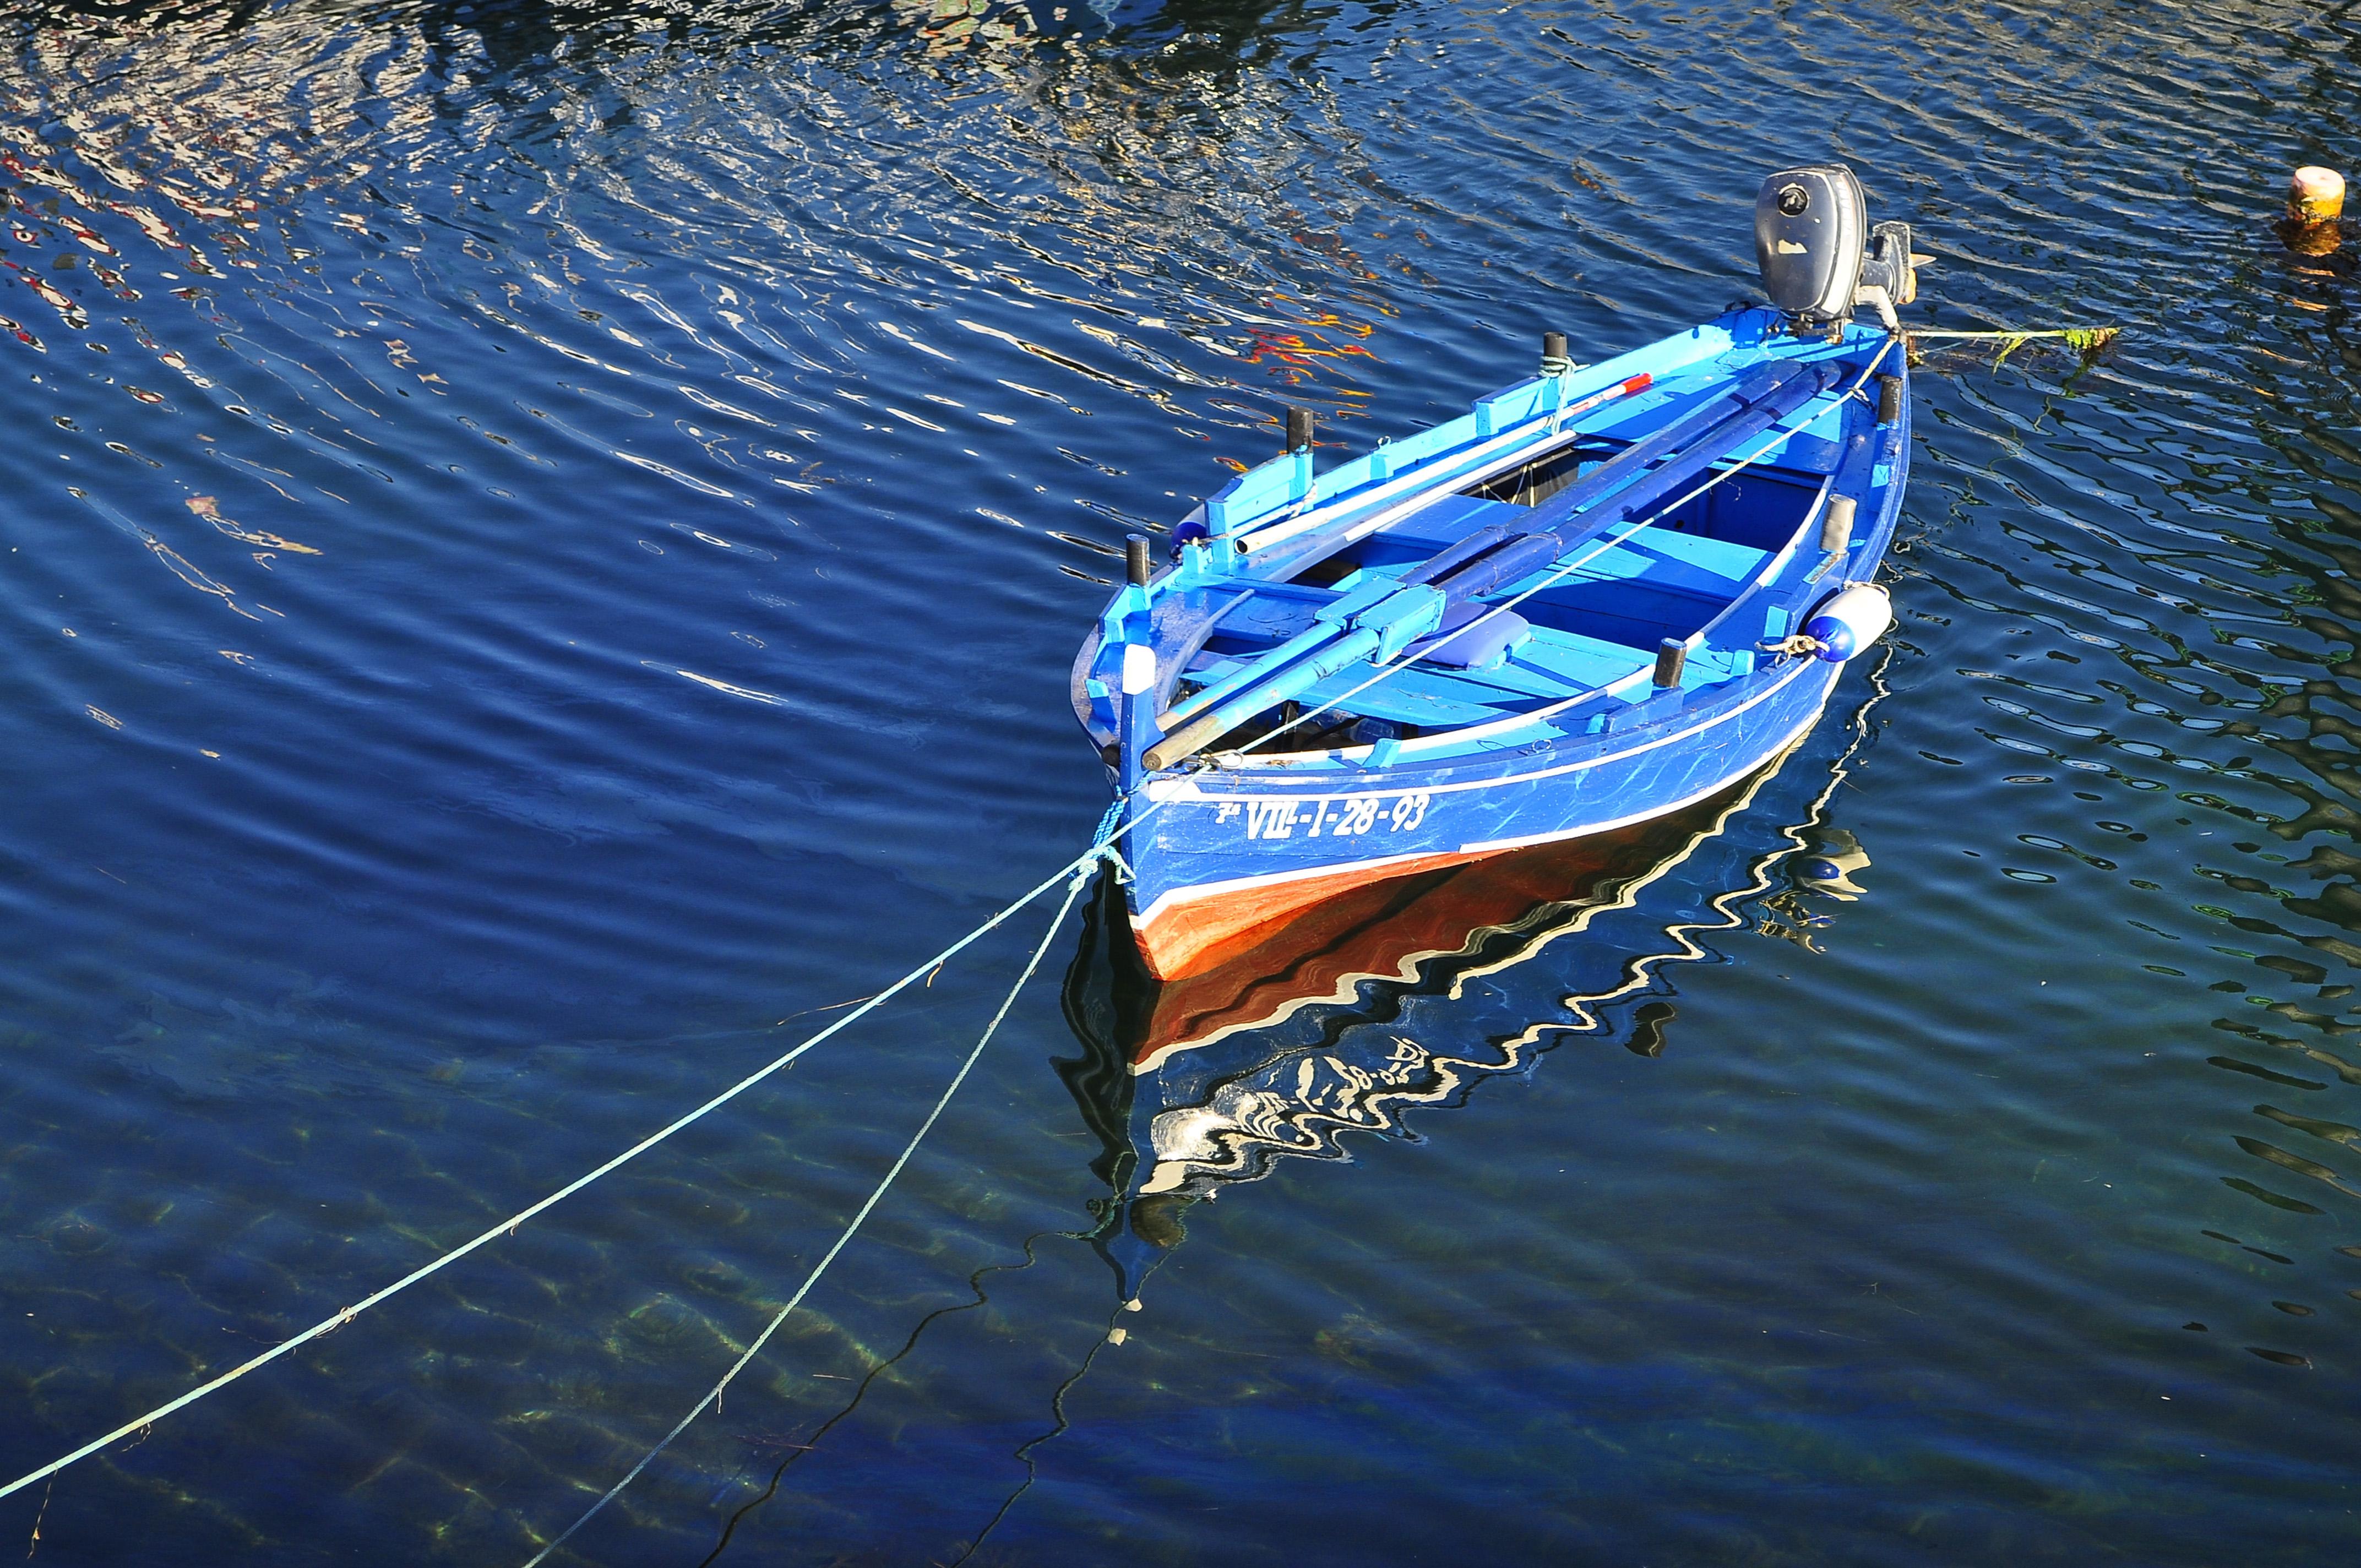 The blue boat, Agua, Beach, Blue, Boat, HQ Photo